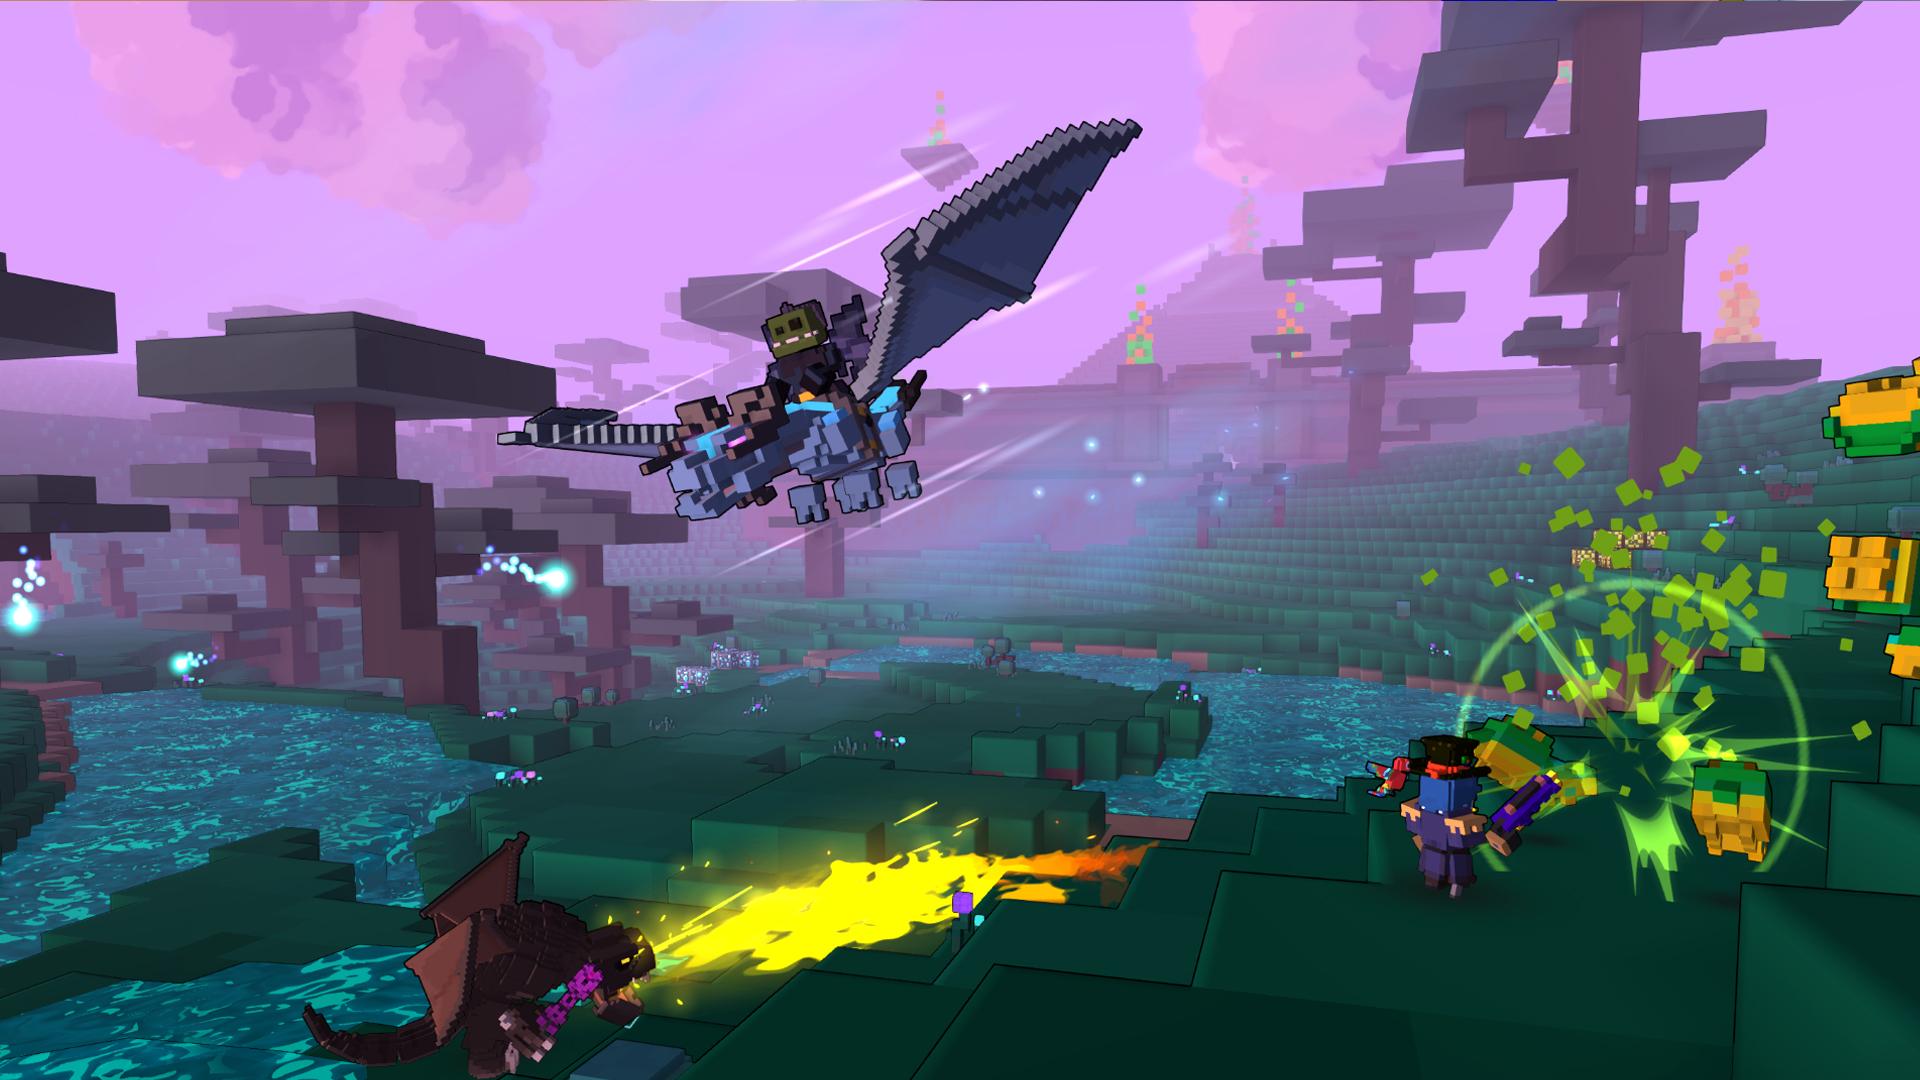 《宝藏世界》游戏截图